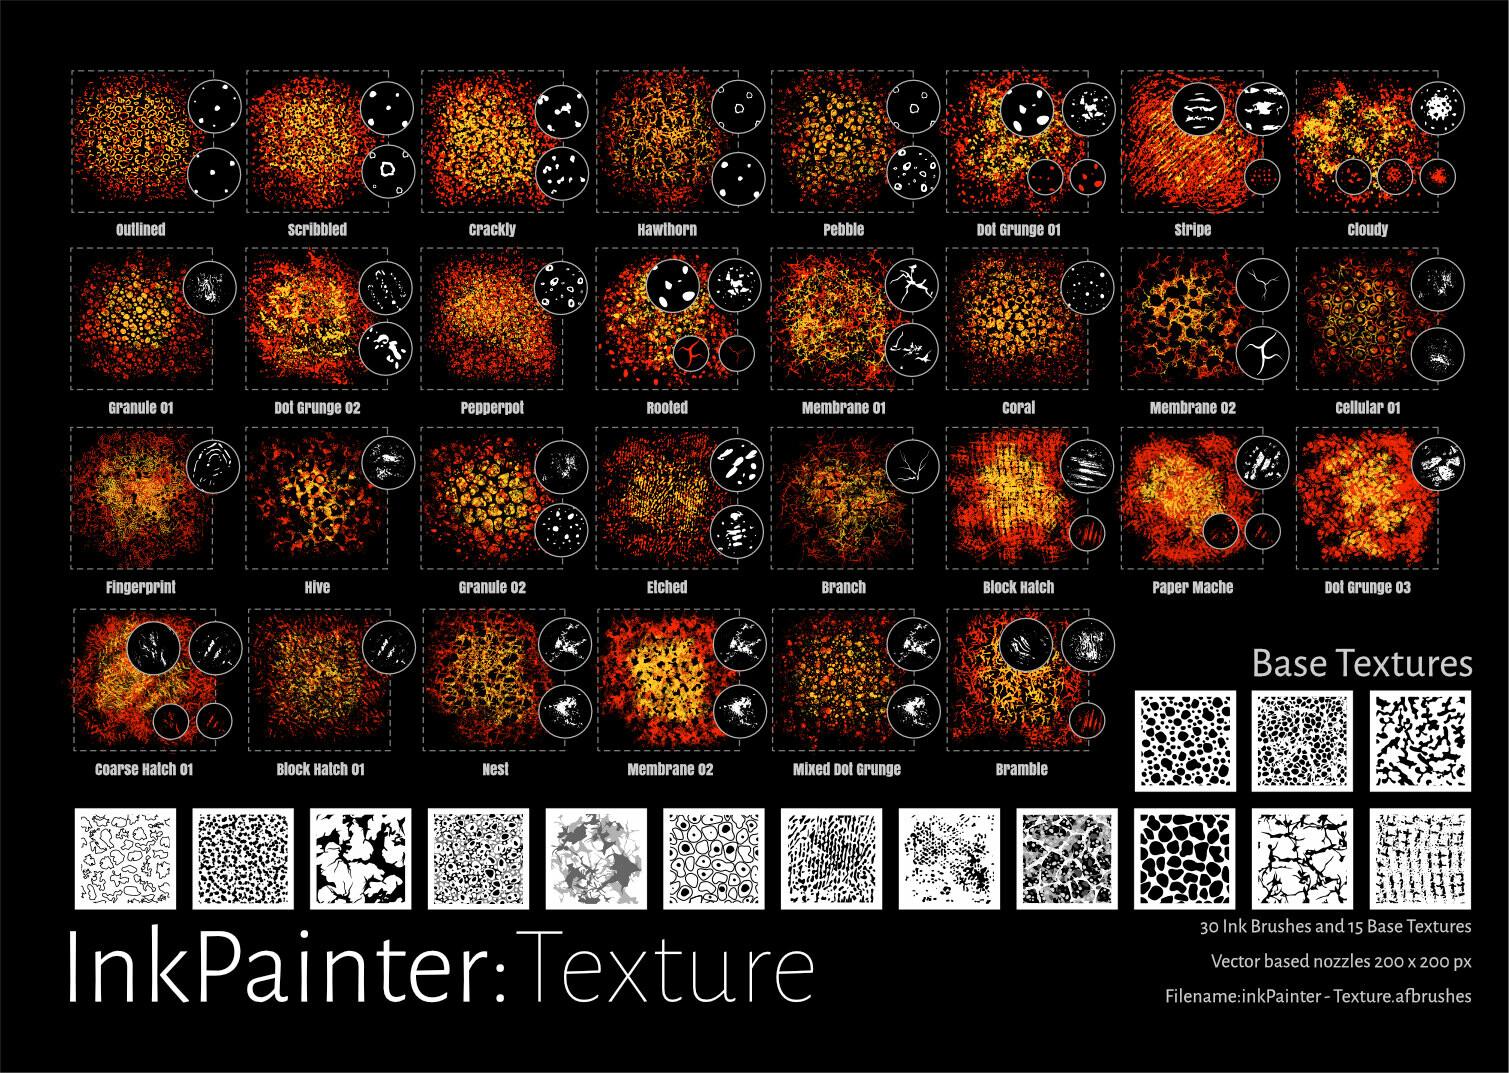 InkPainter Texture Brushes